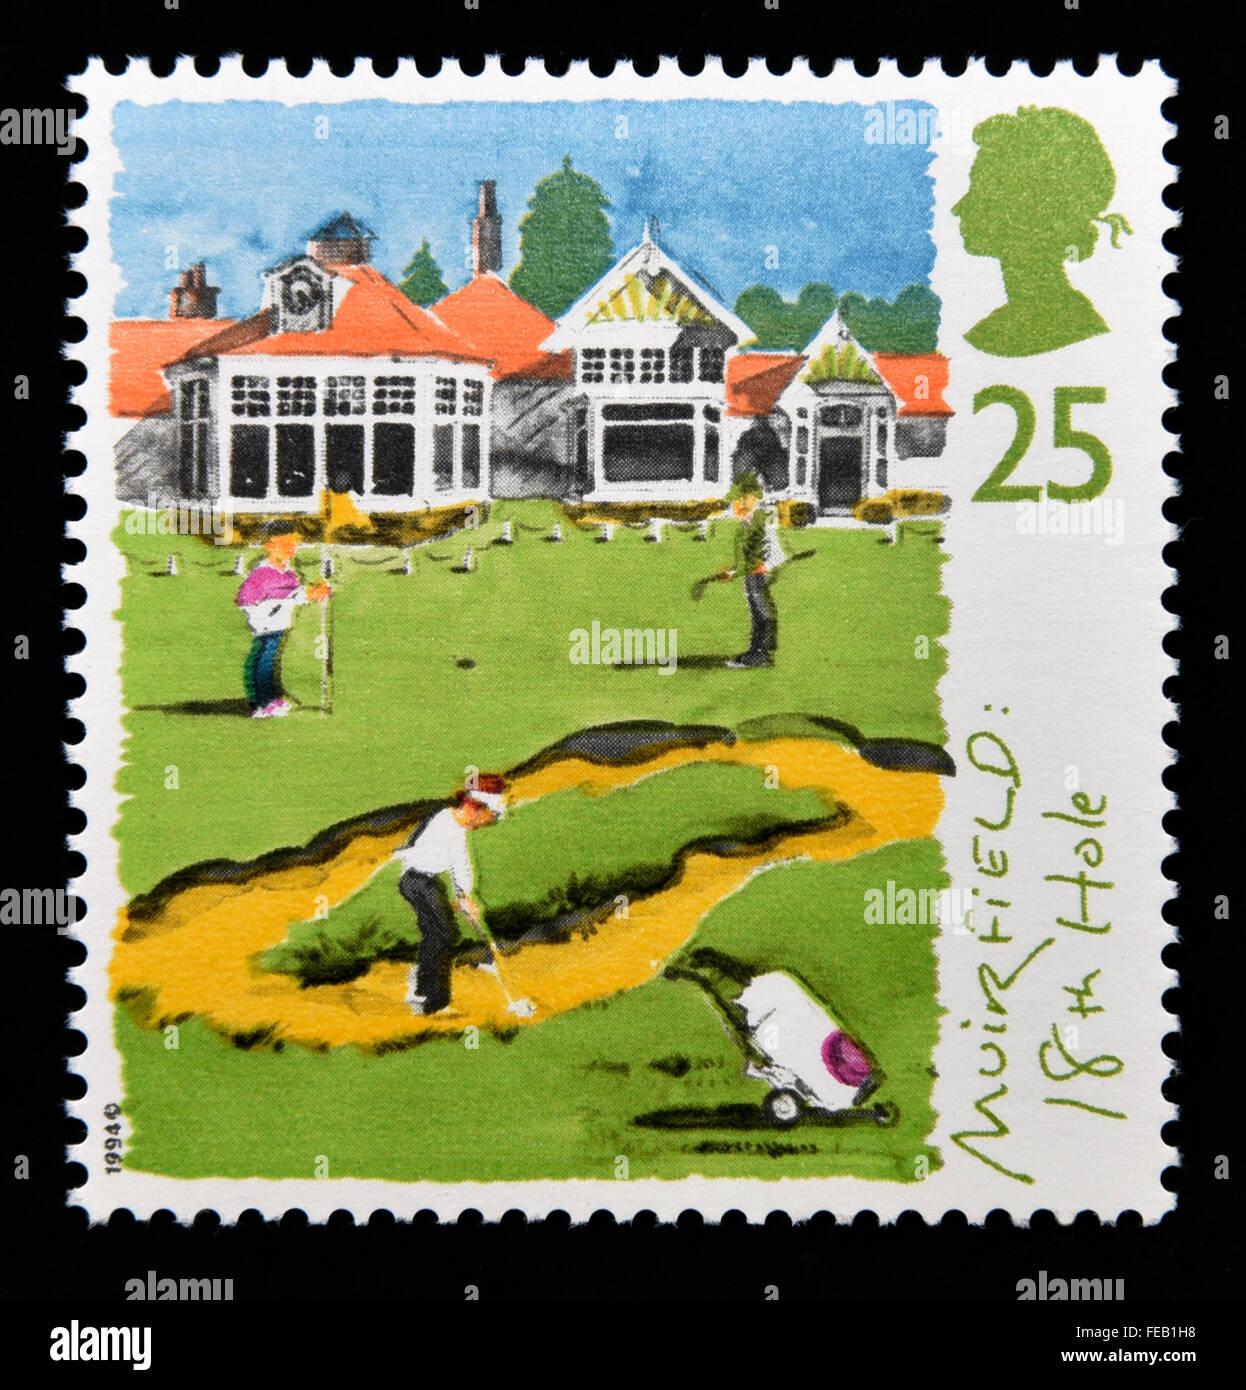 Timbre-poste. La Grande-Bretagne. La reine Elizabeth II. 1994. Cours de golf écossais. 25p. Banque D'Images